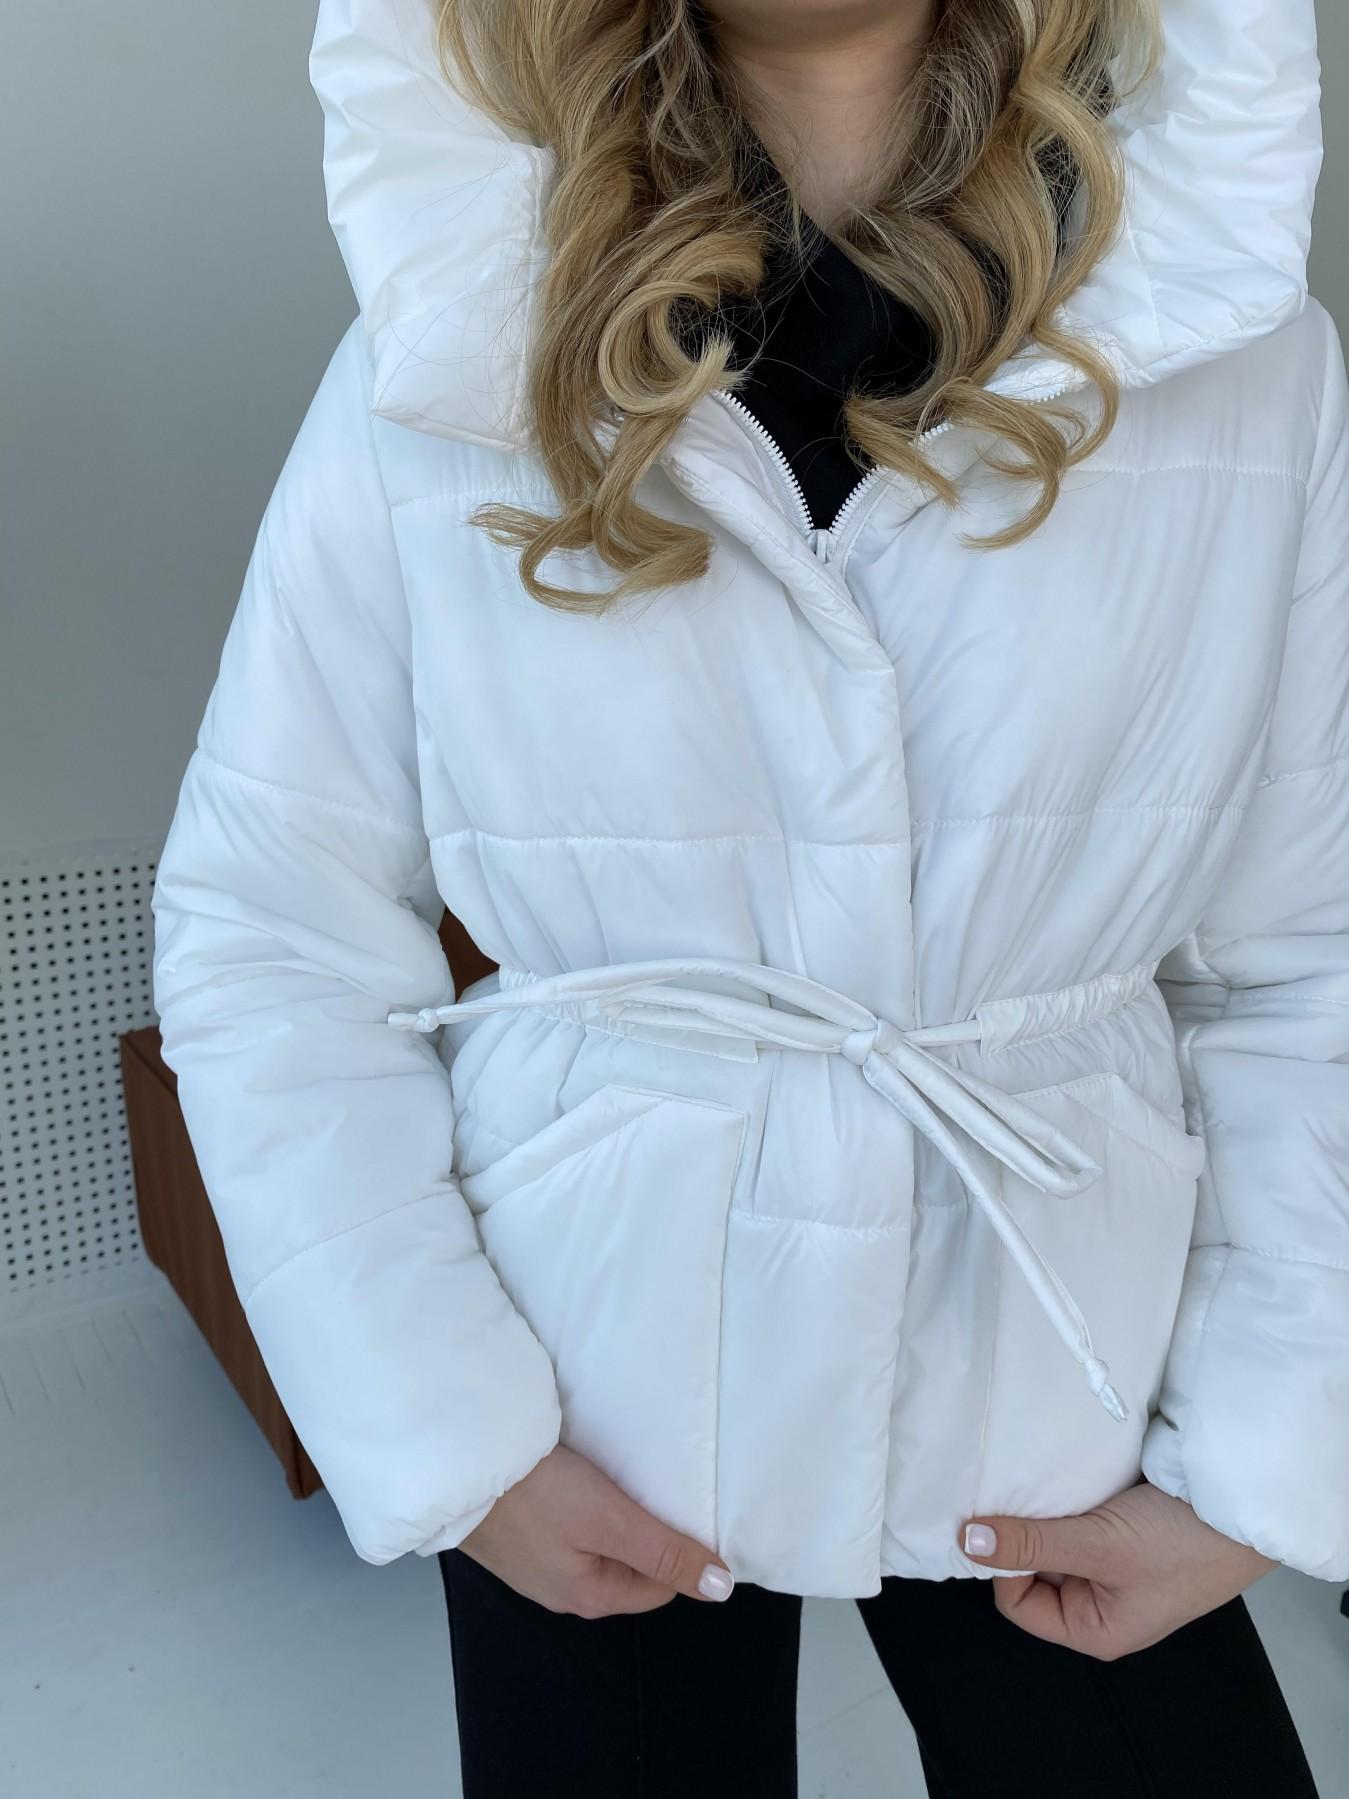 Пино куртка из плащевой ткани 10489 АРТ. 47297 Цвет: Белый - фото 8, интернет магазин tm-modus.ru